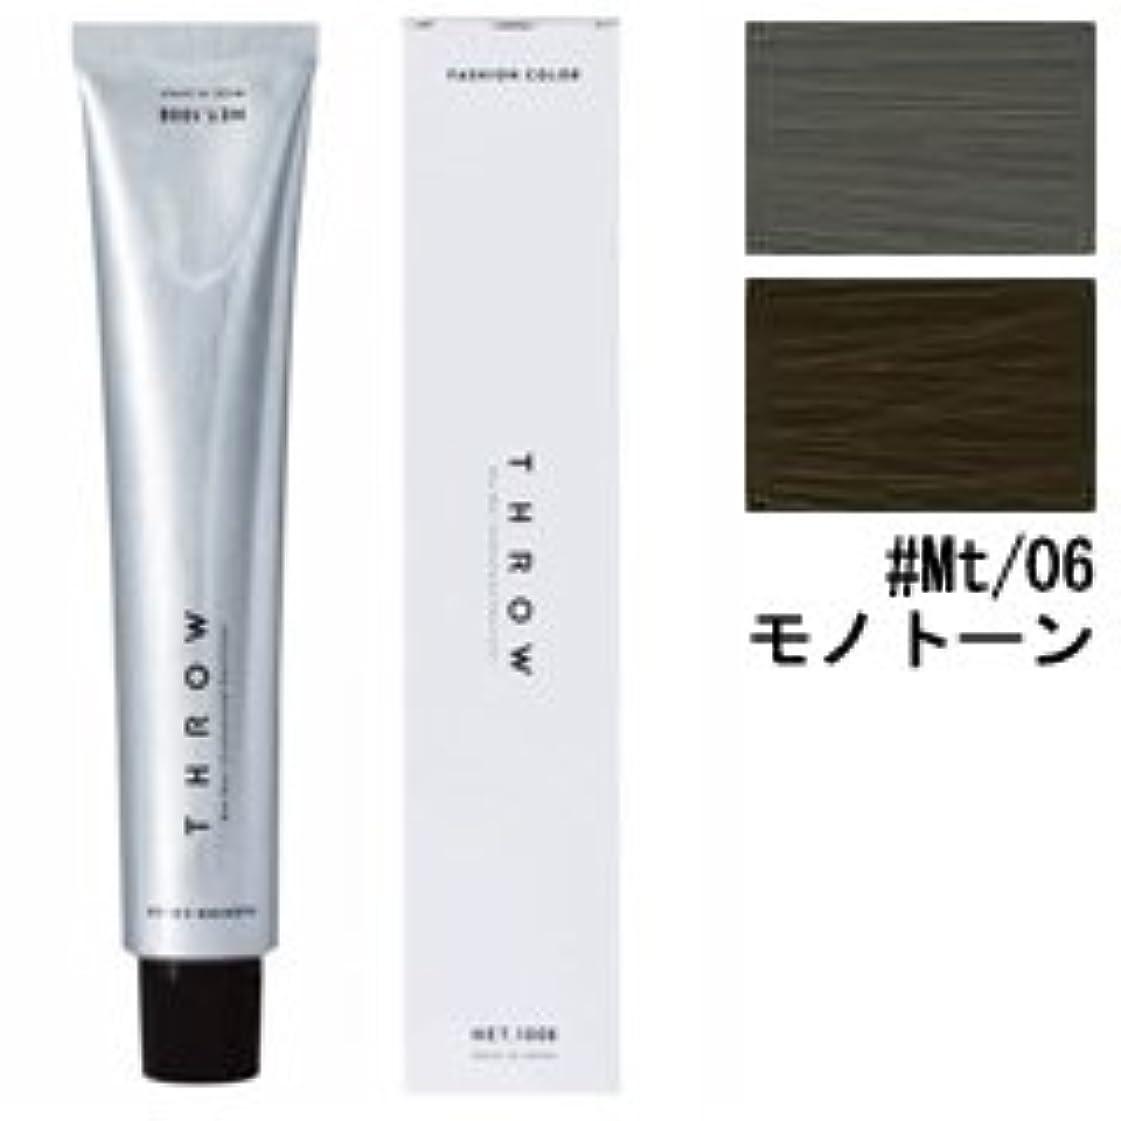 ファンネルウェブスパイダー令状浴室【モルトベーネ】スロウ ファッションカラー #Mt/06 モノトーン 100g